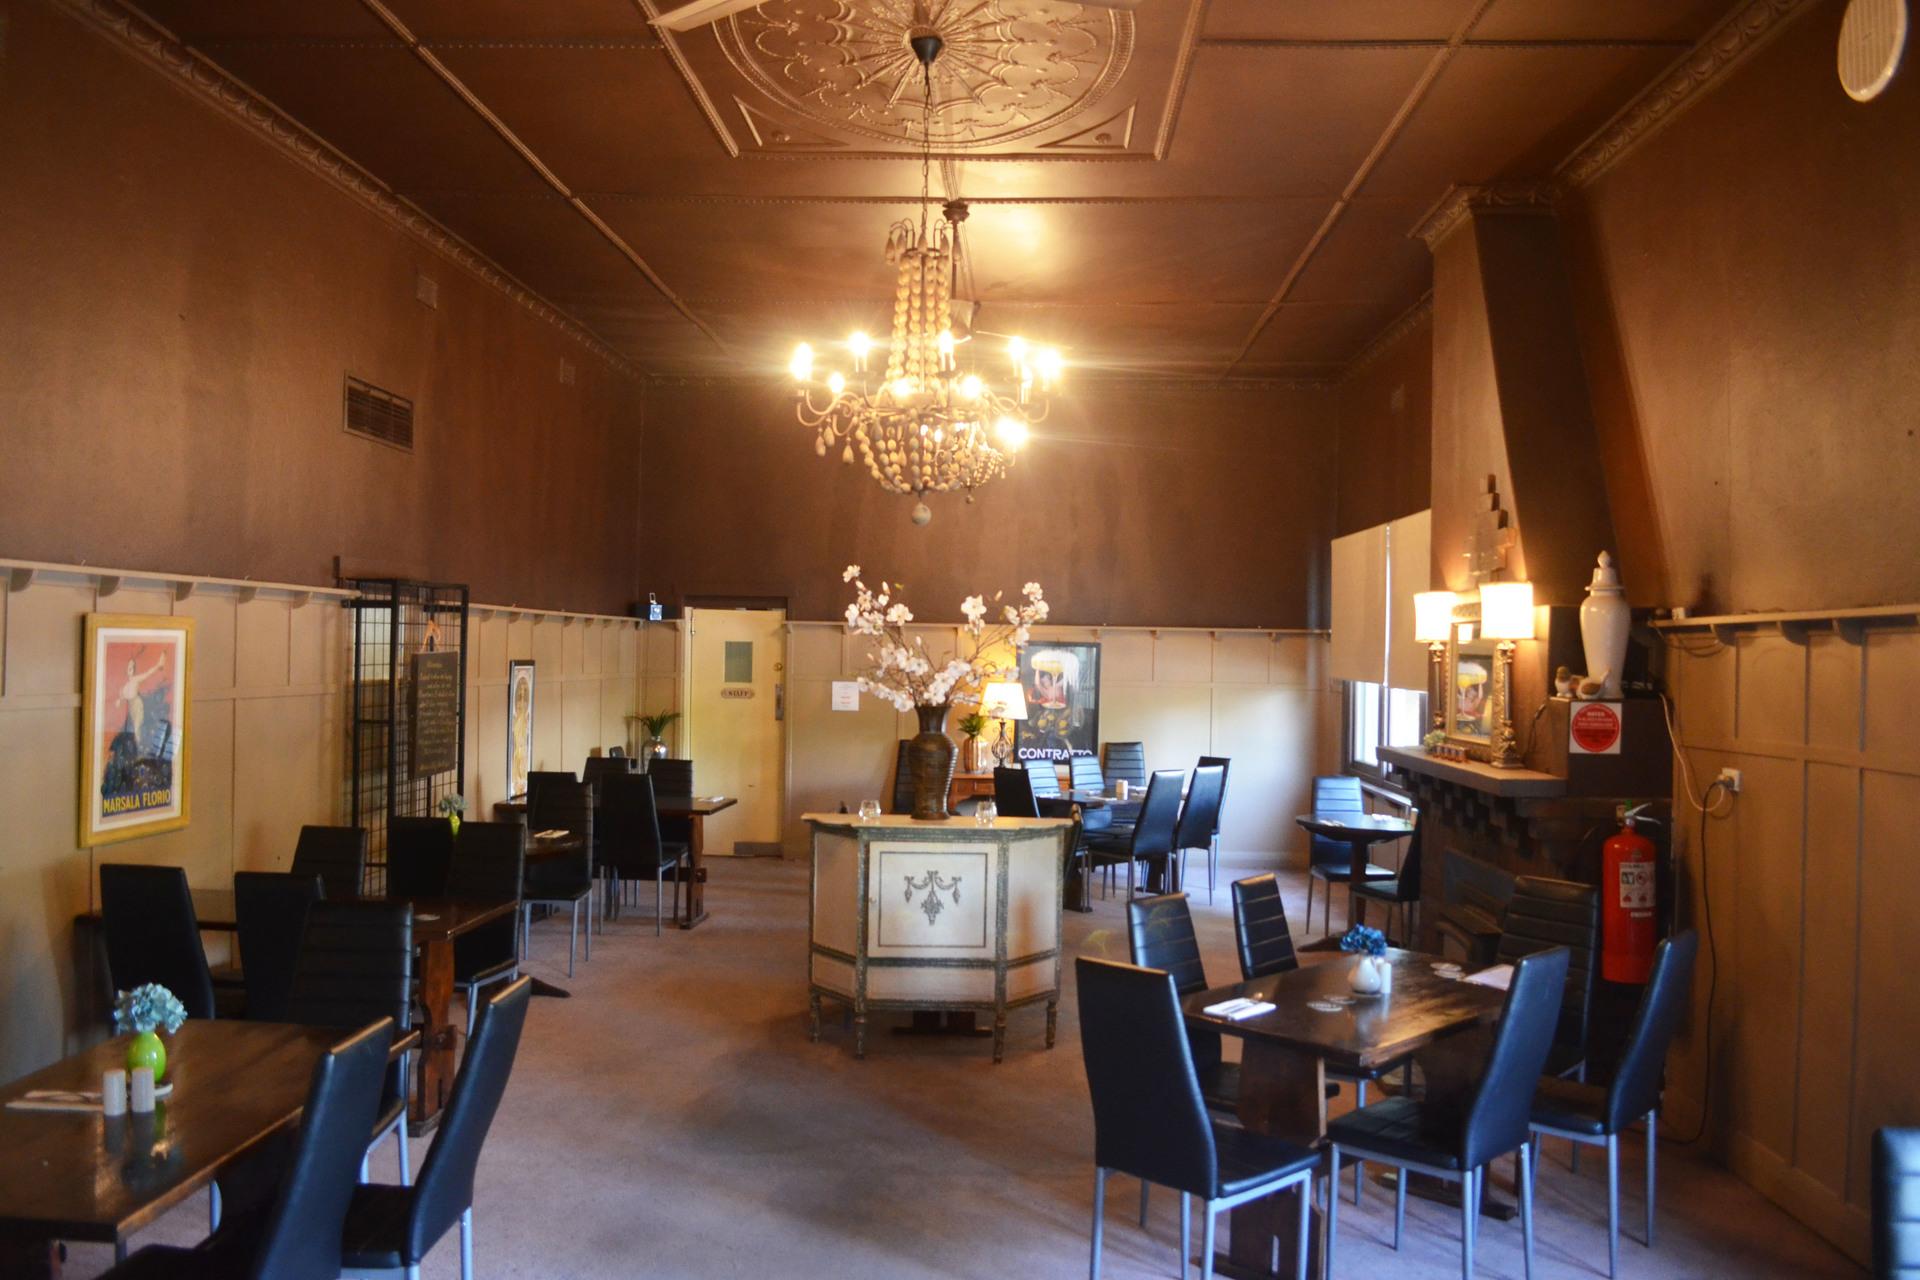 g - Yackandandah Hotel